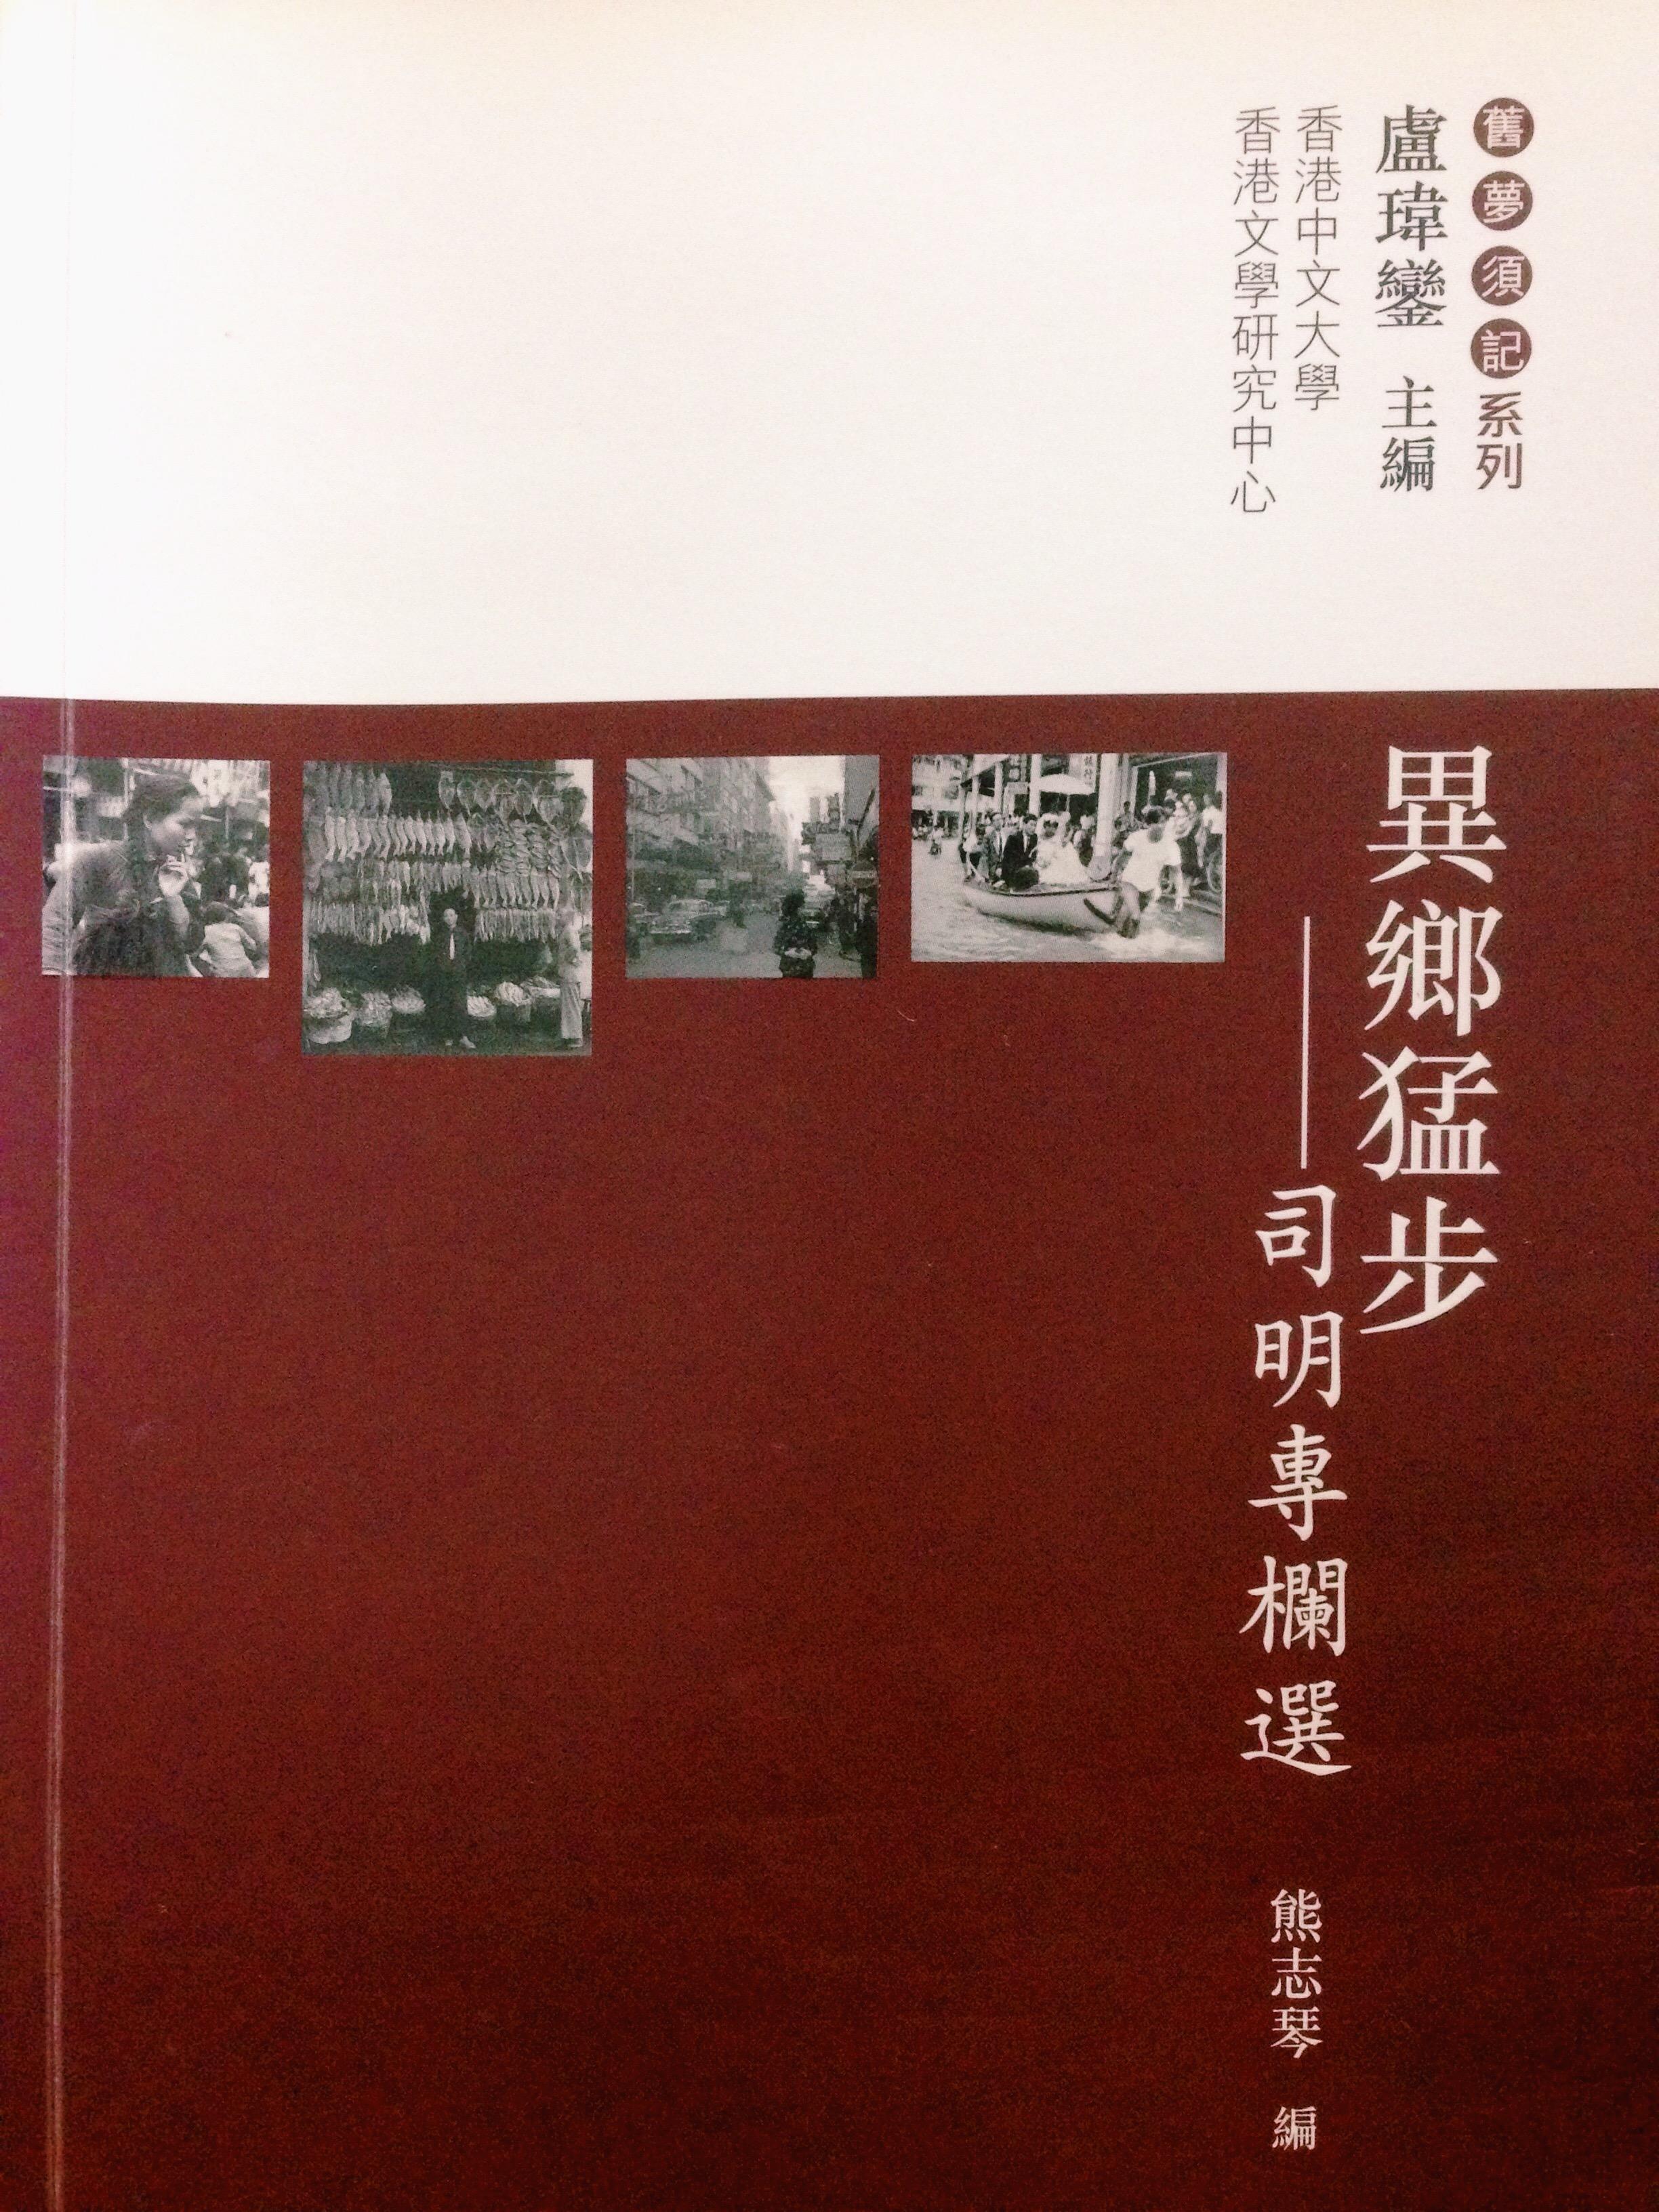 《異鄉猛步——司明專欄選》書影